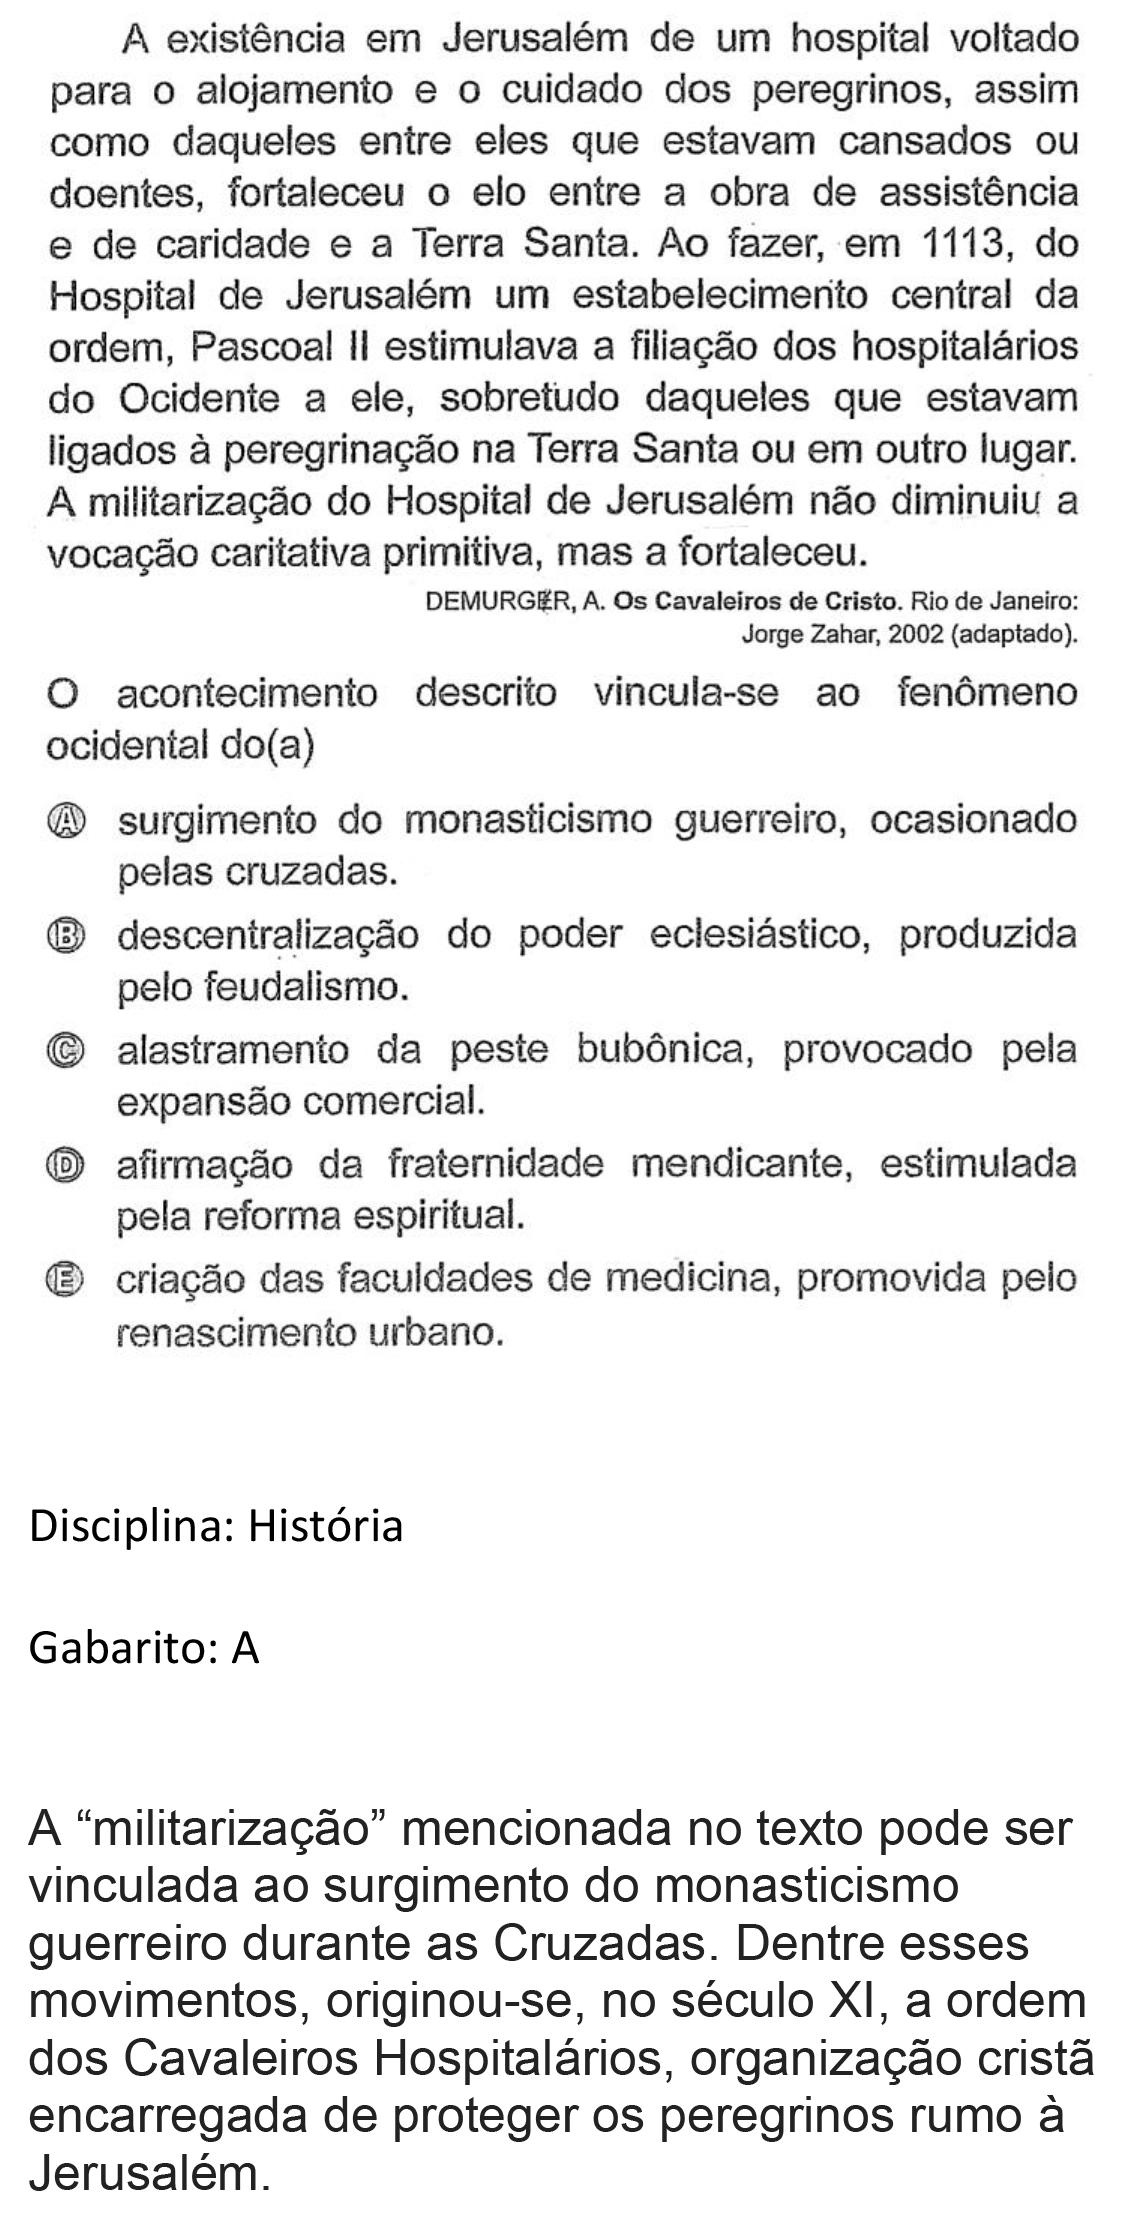 Resolução da questão 58: Prova Amarela do ENEM 2018.